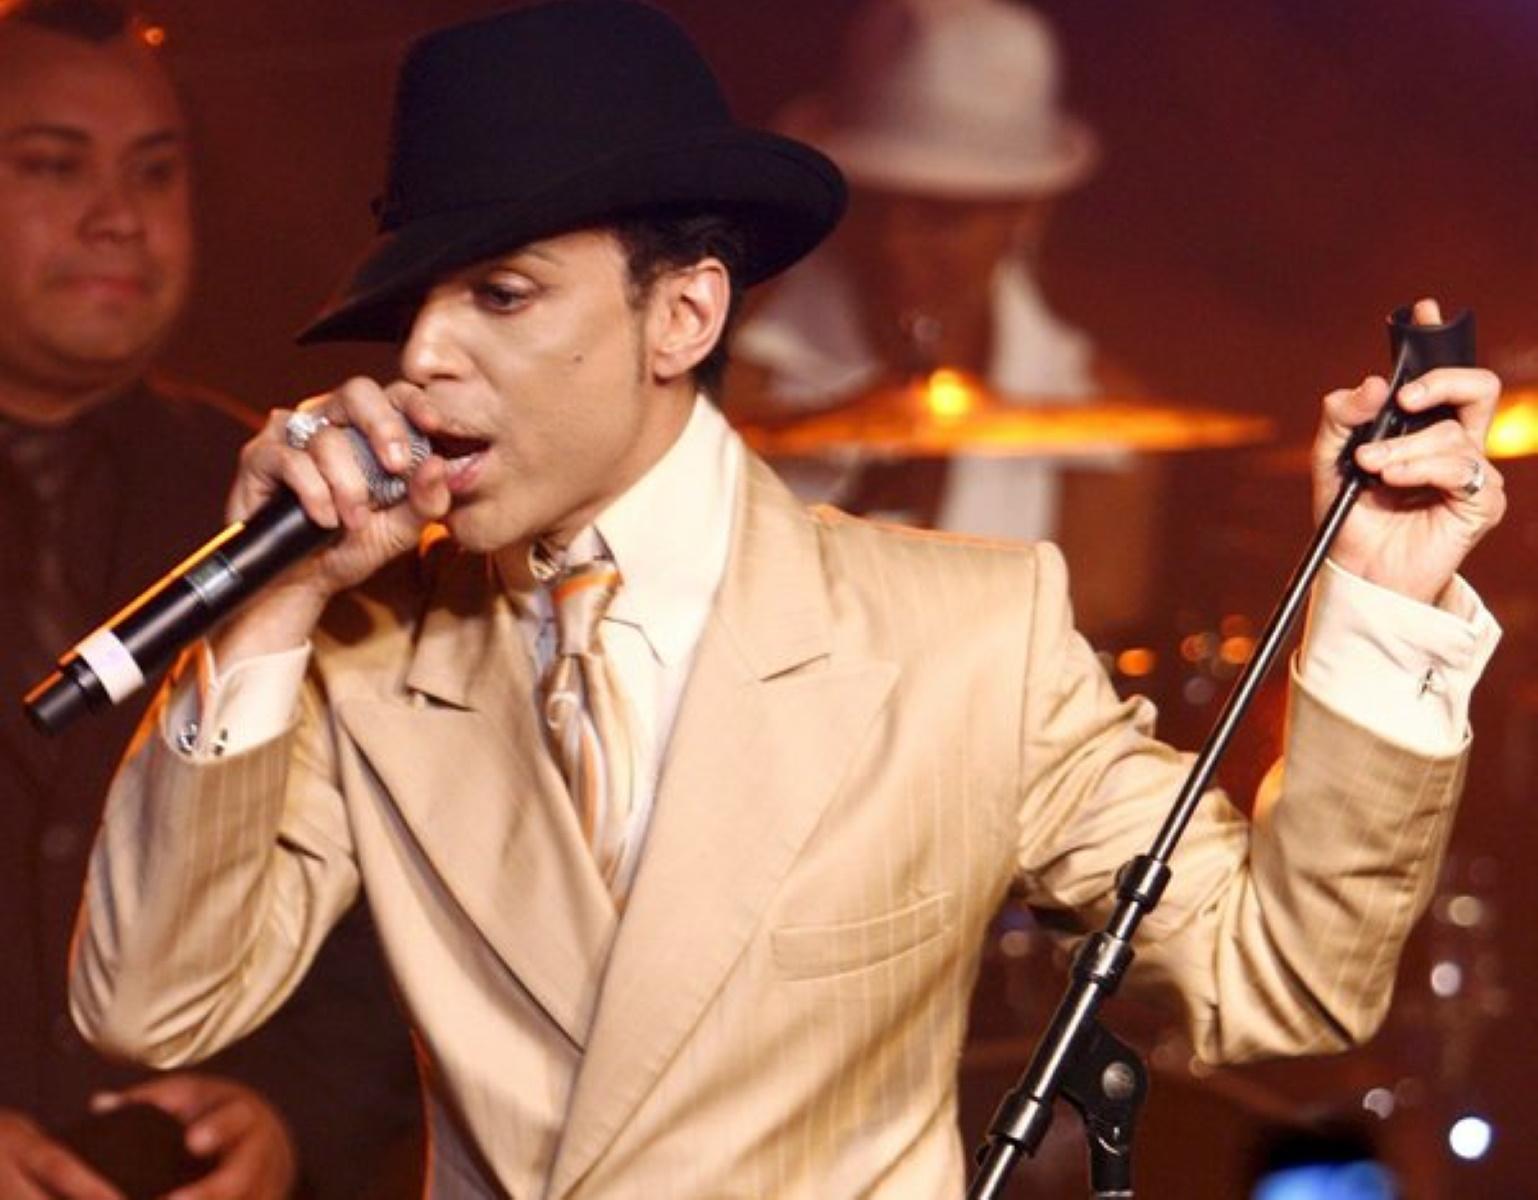 Το ακυκλοφόρητο άλμπουμ του Prince  έρχεται το καλοκαίρι